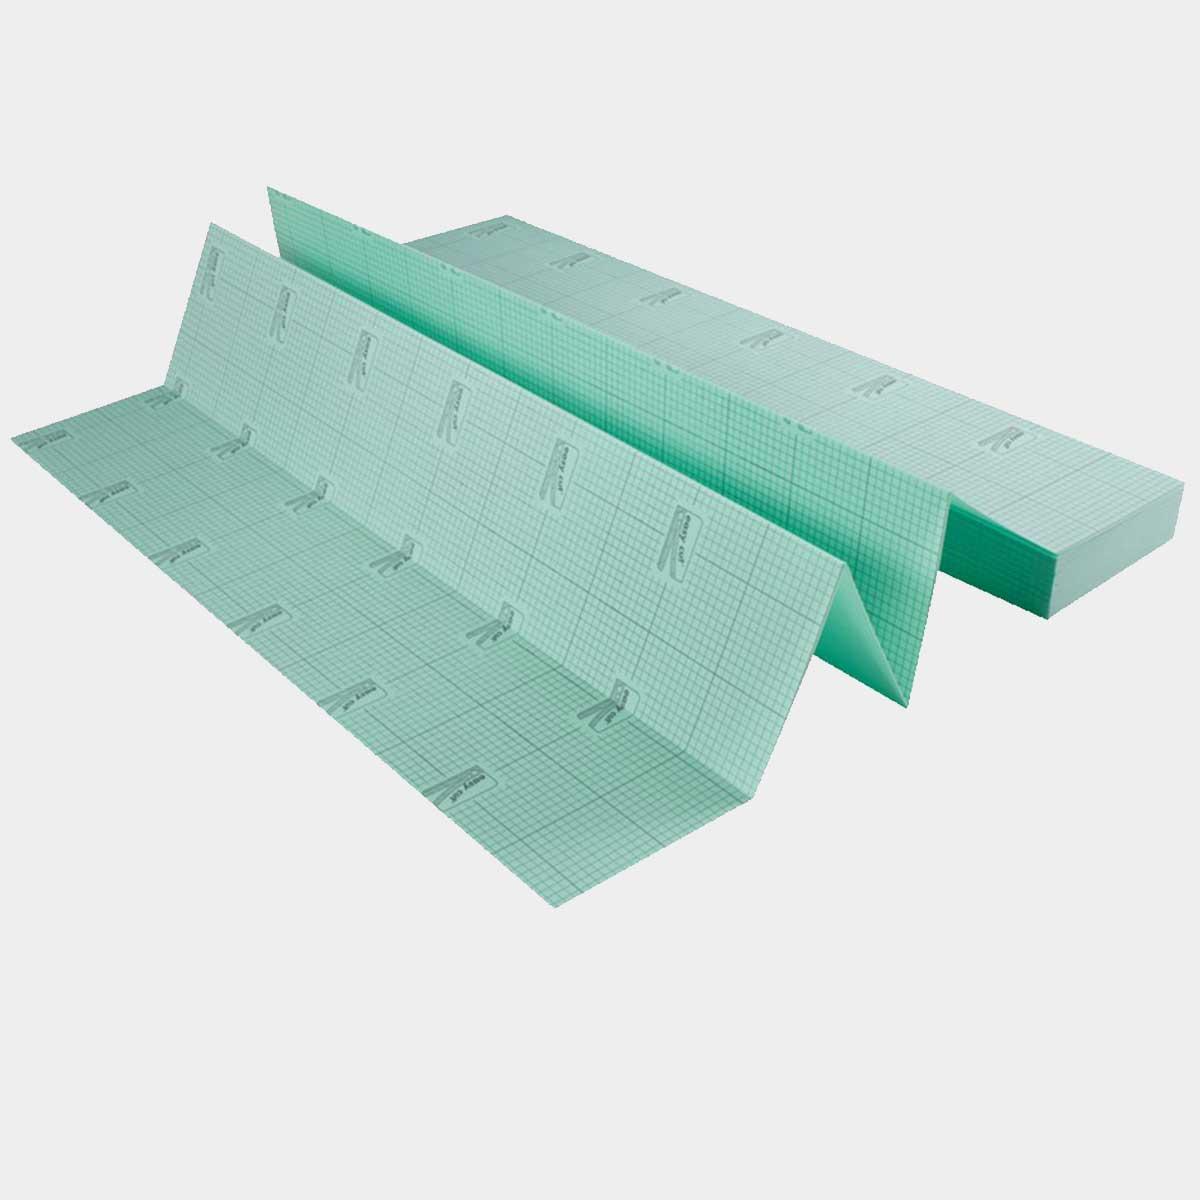 Sous-couche en mousse de polystyrène ép. 2,2 mm